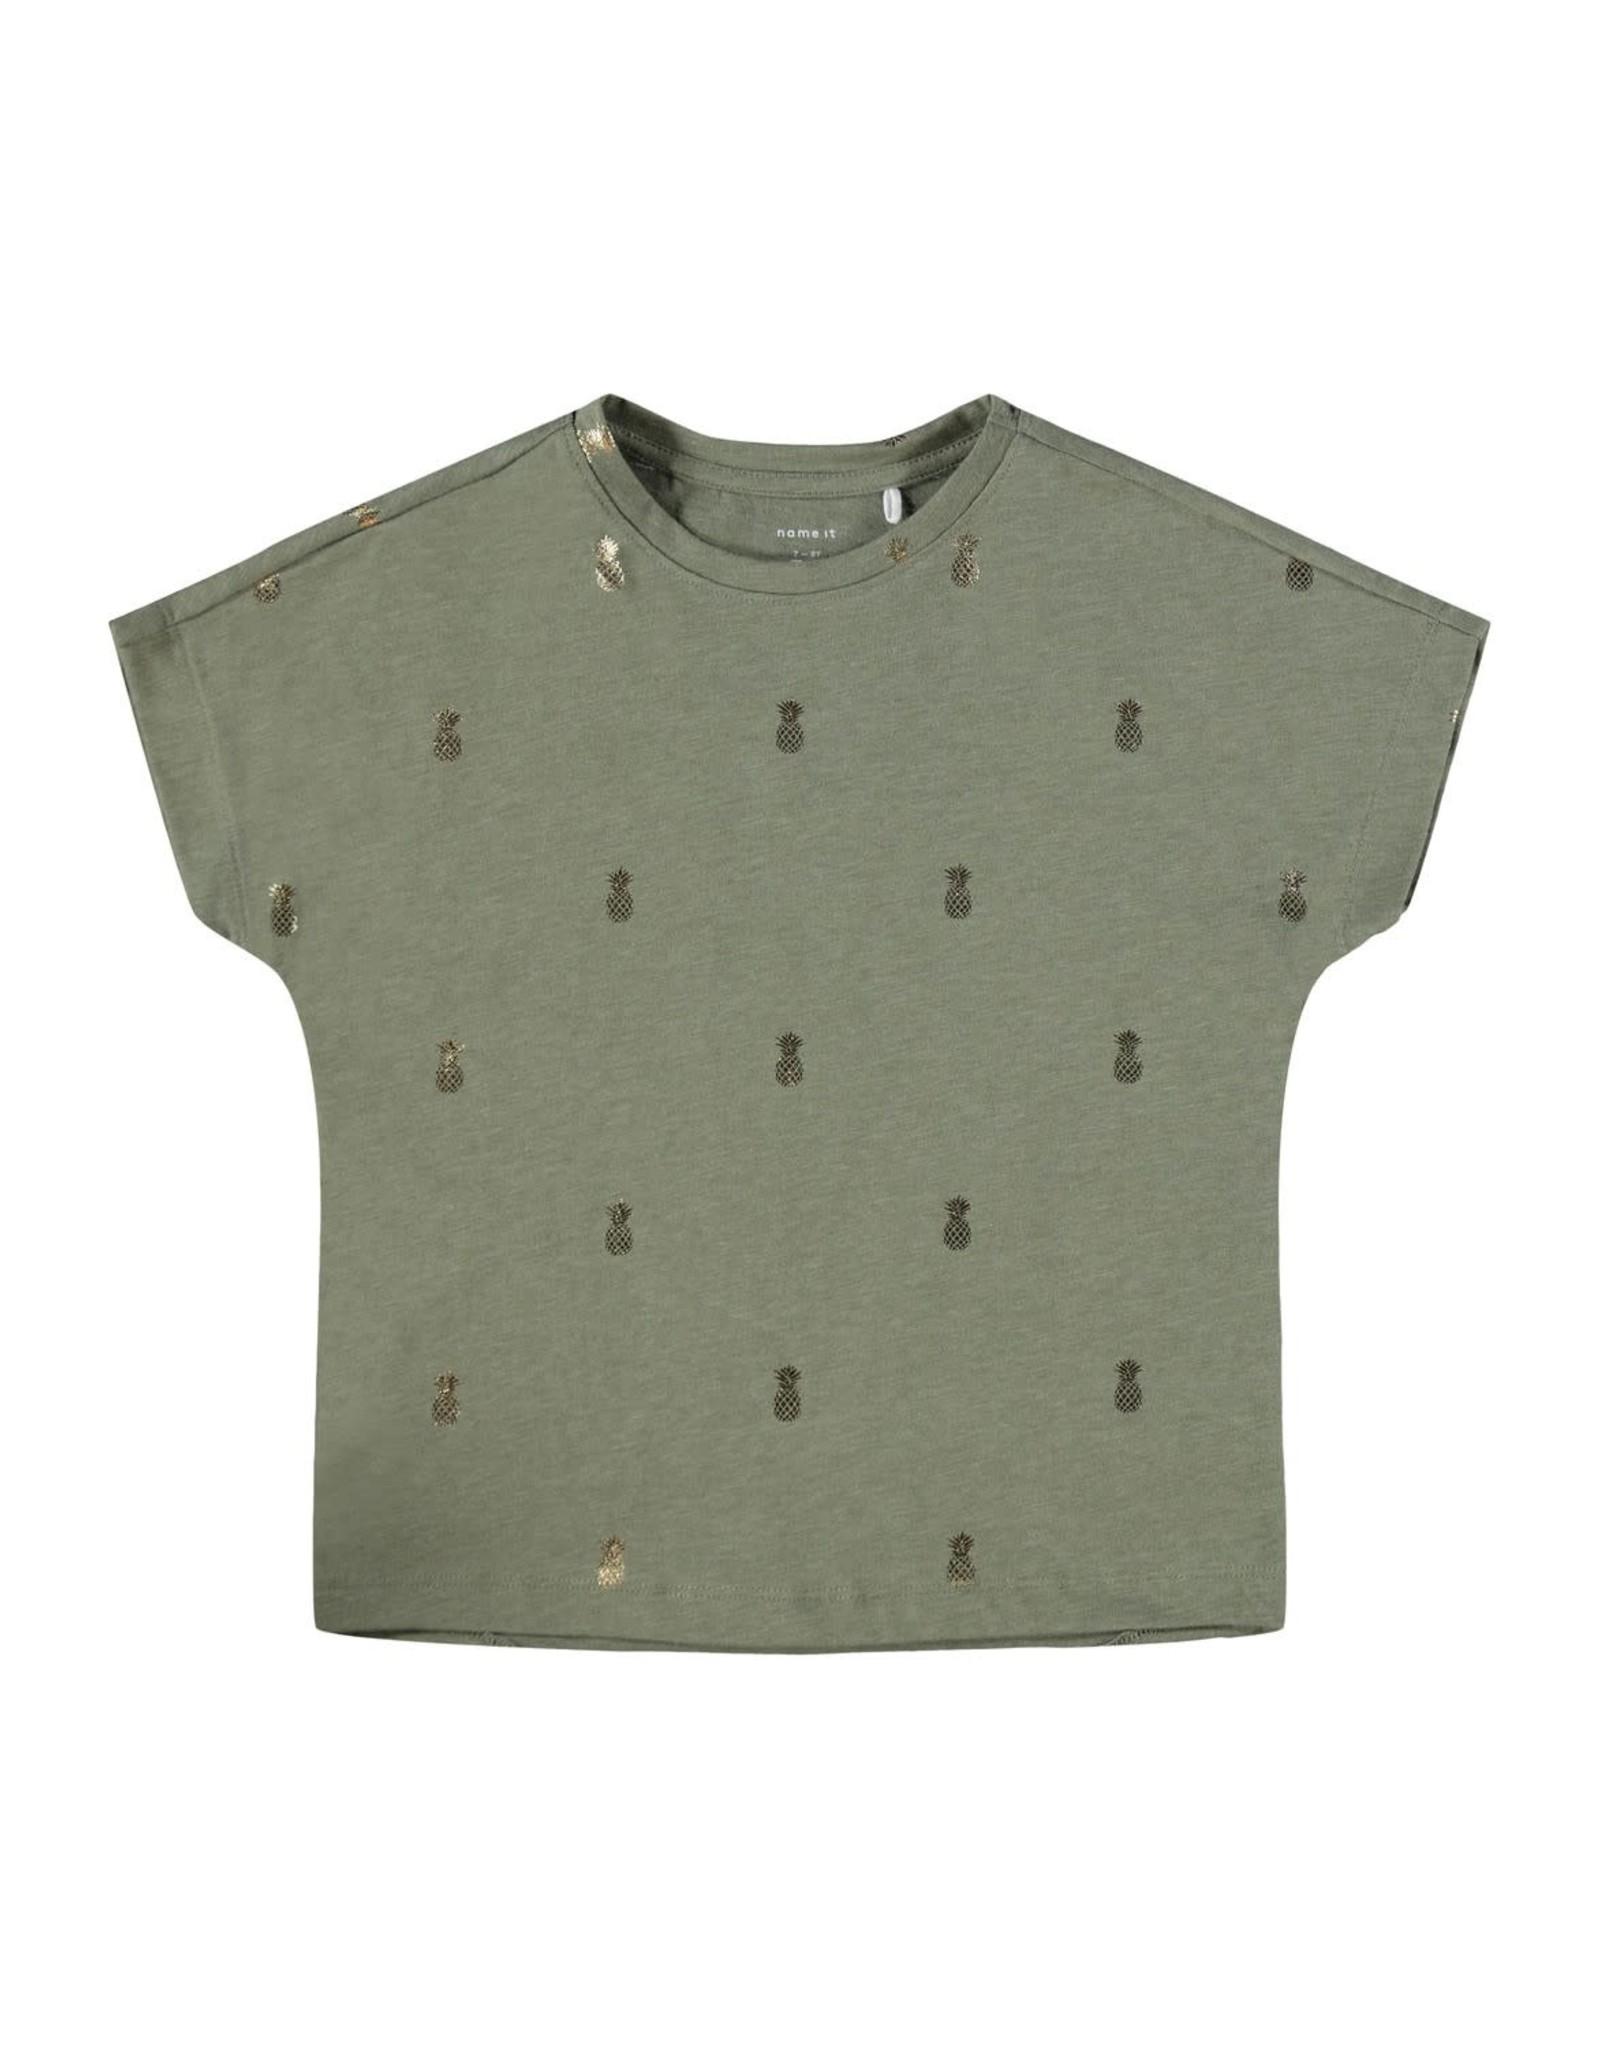 Name It Groene bredere t-shirt met kleine ananassen